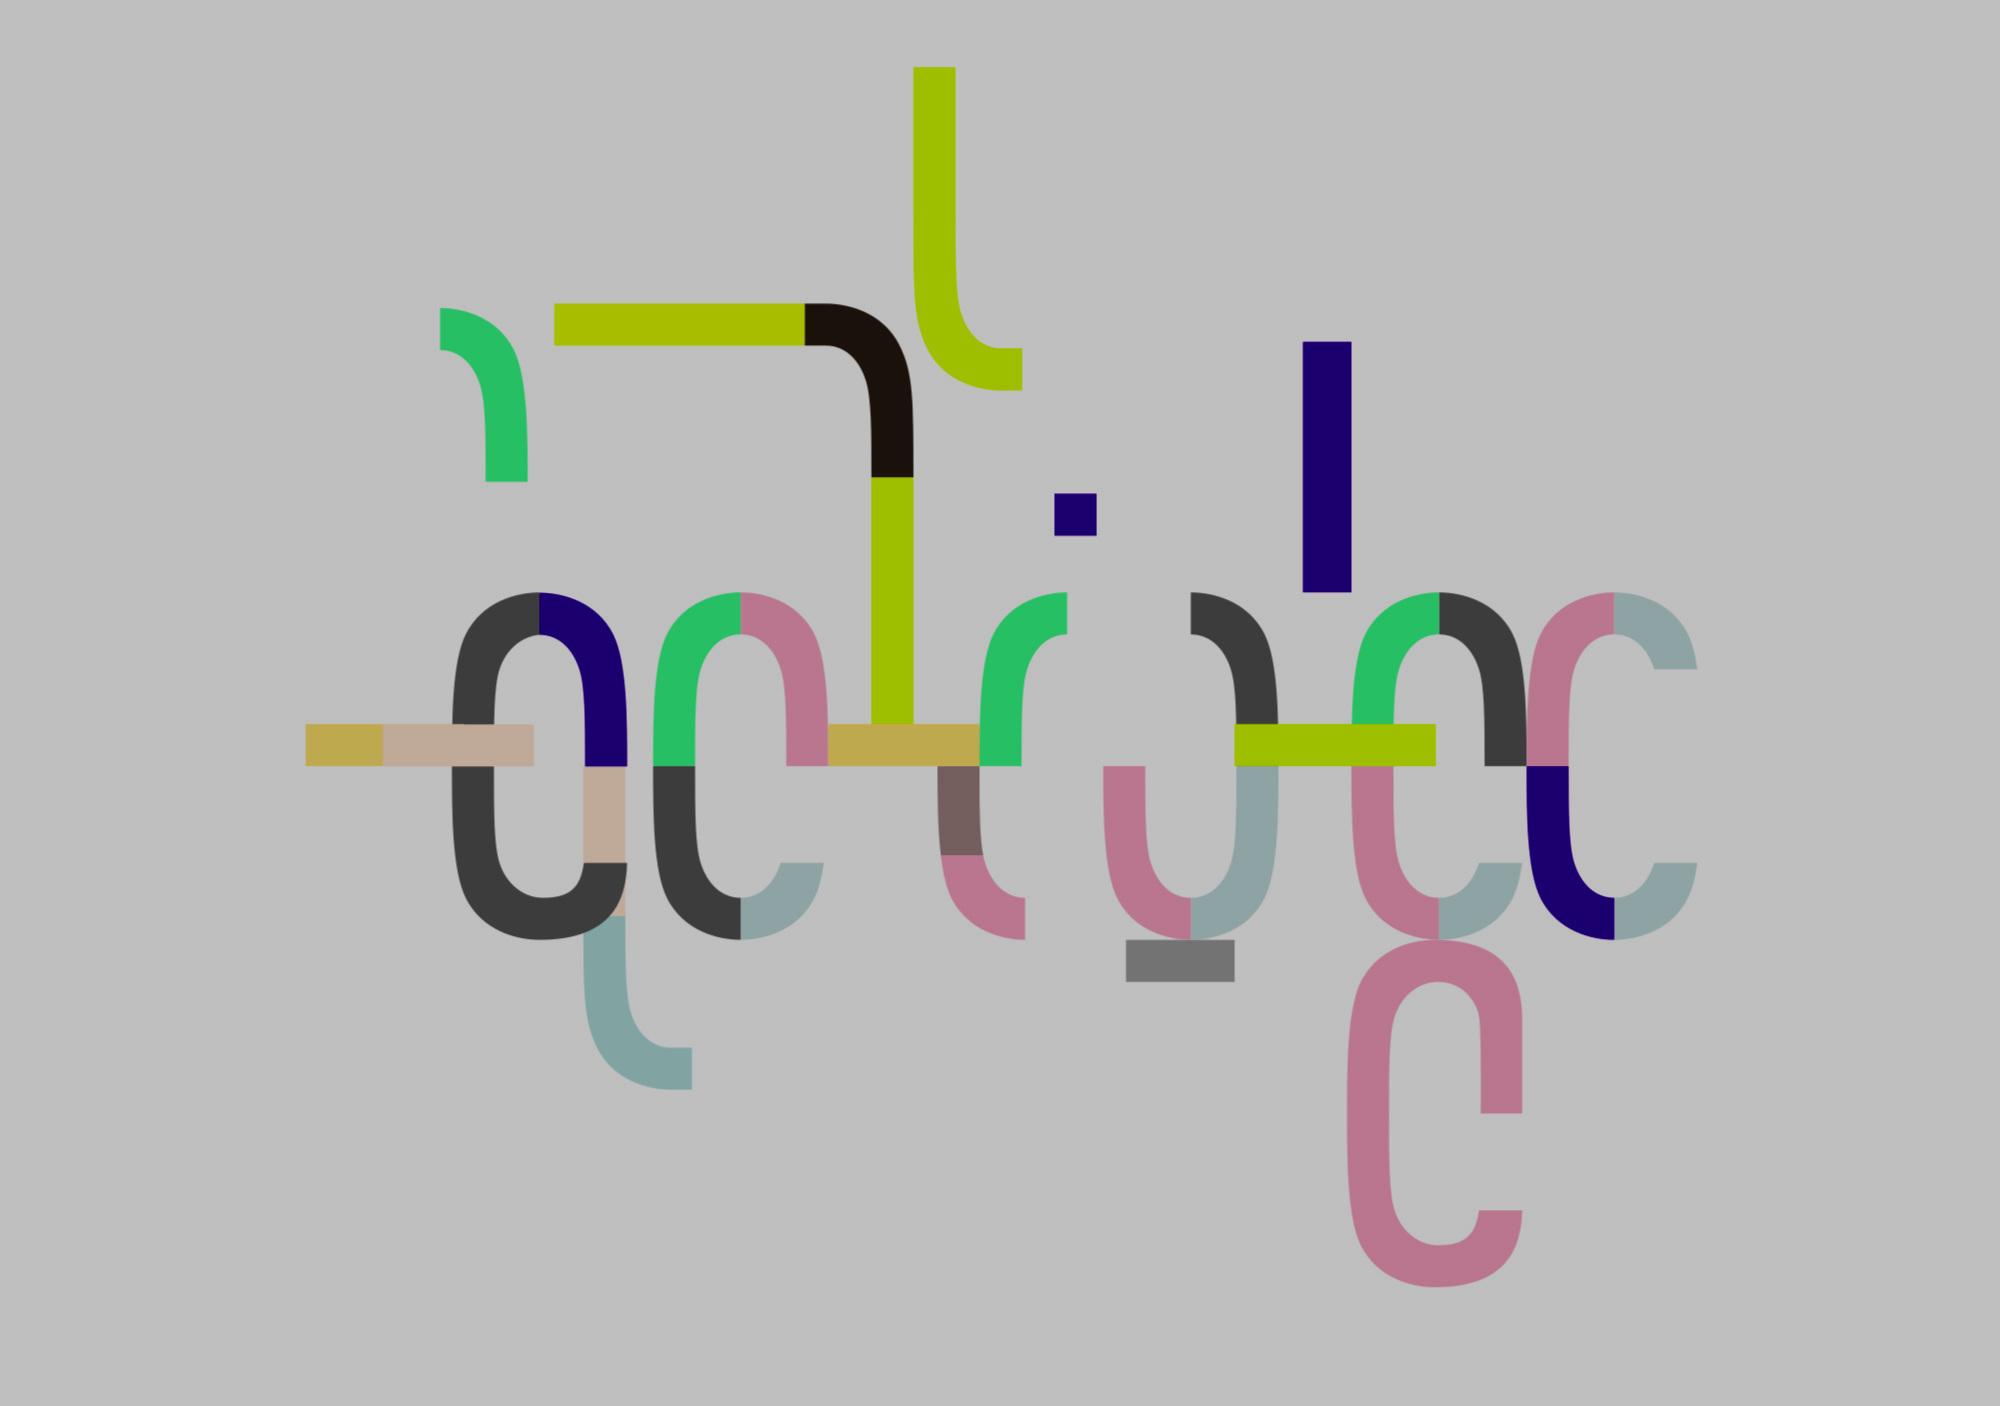 Platformer Monospace - A narrow, fixed-width font